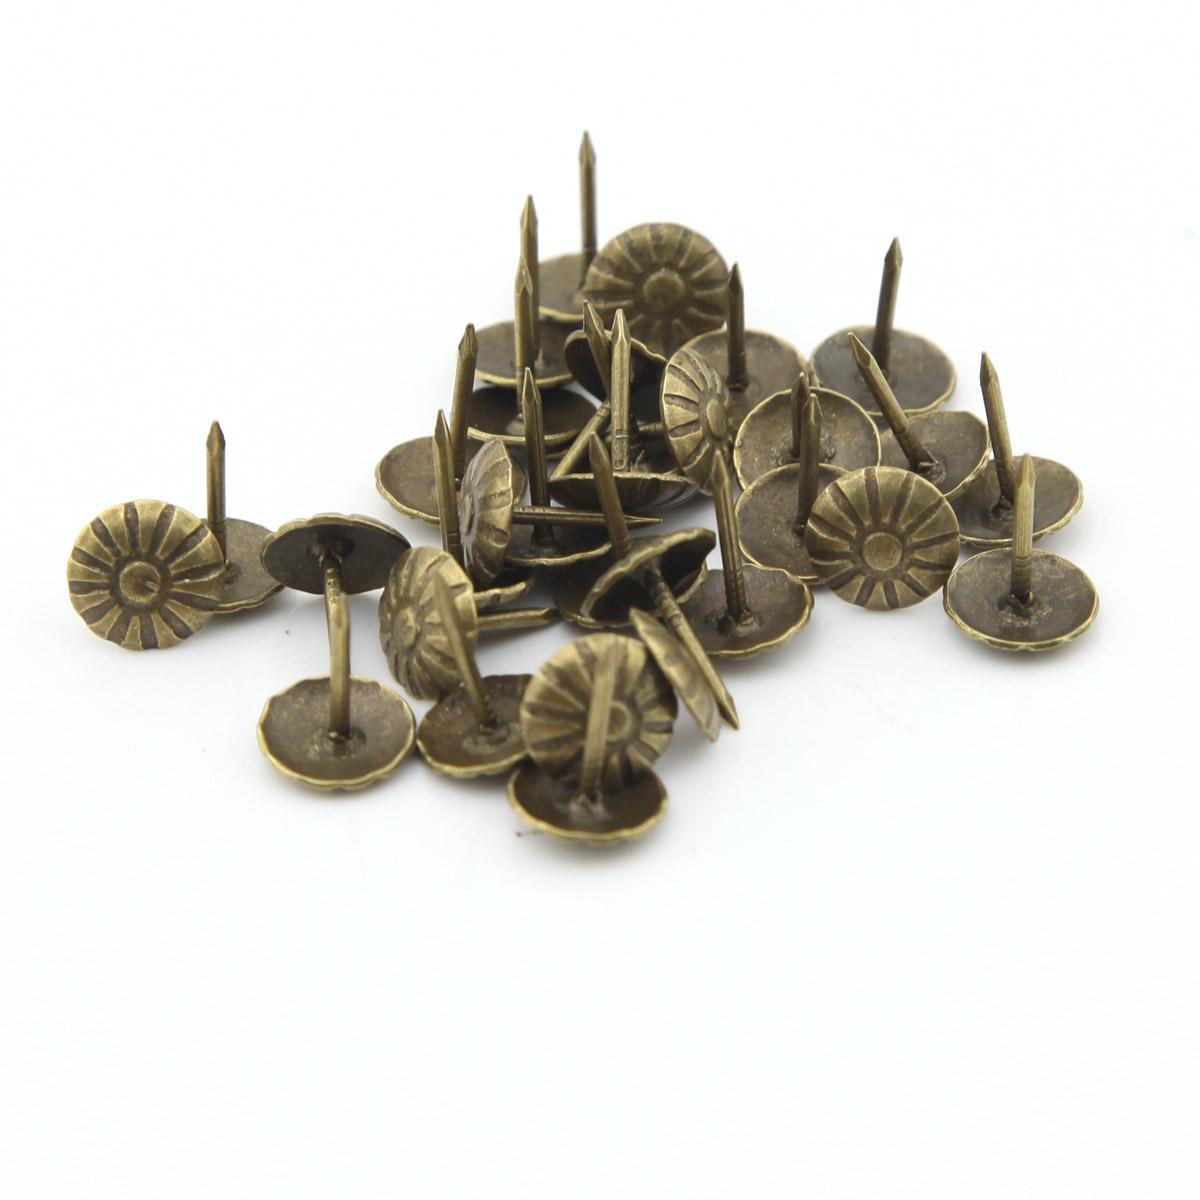 100pcs 10mmx14mm Antique Bronze Chrysanthemum nails Pushpin Doornail Deco Tack Upholstery Nail Drum Nail Thumbtack Drawing Pin(China (Mainland))